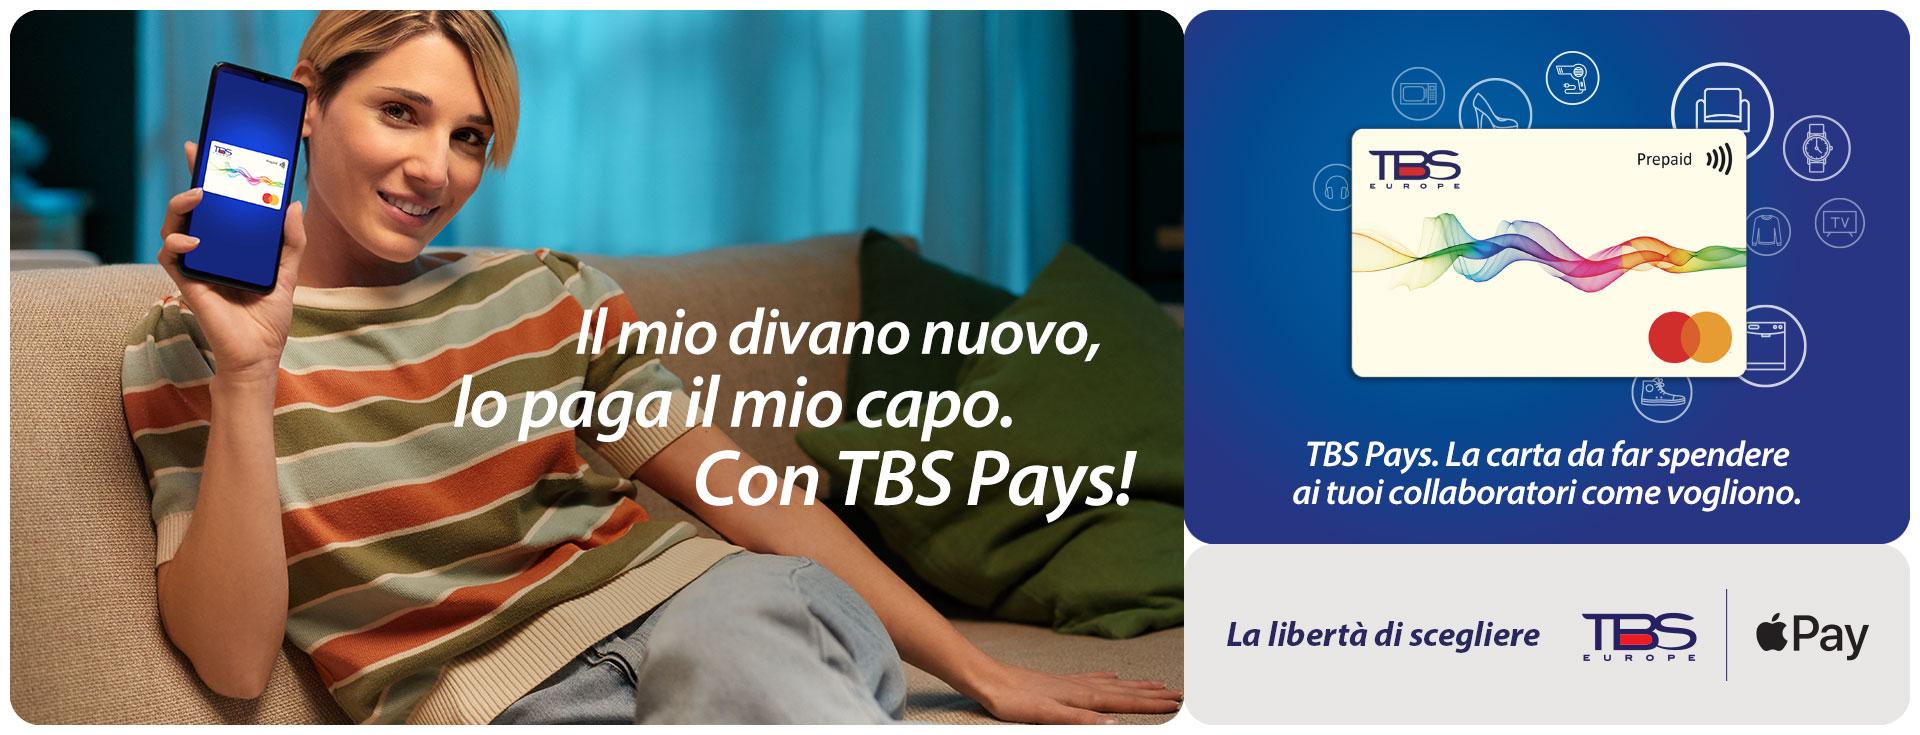 TBS Pays: paga in modo semplice e sicuro con Apple Pay